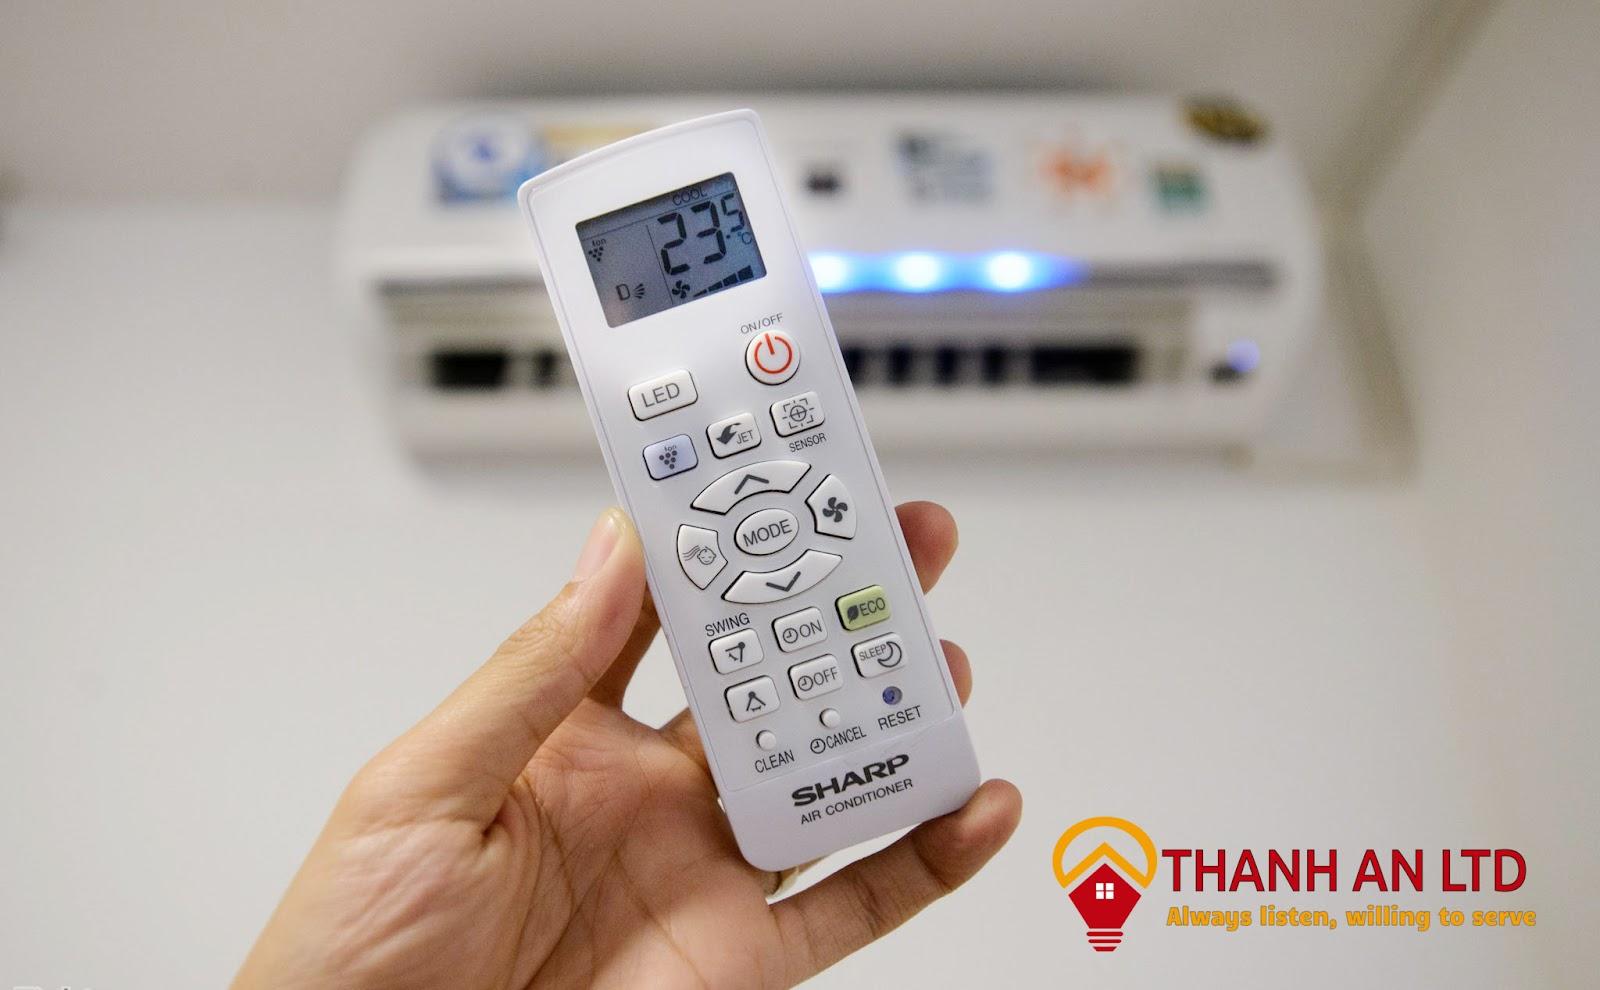 Mở máy trước 15 phút để làm lạnh nguyên phòng